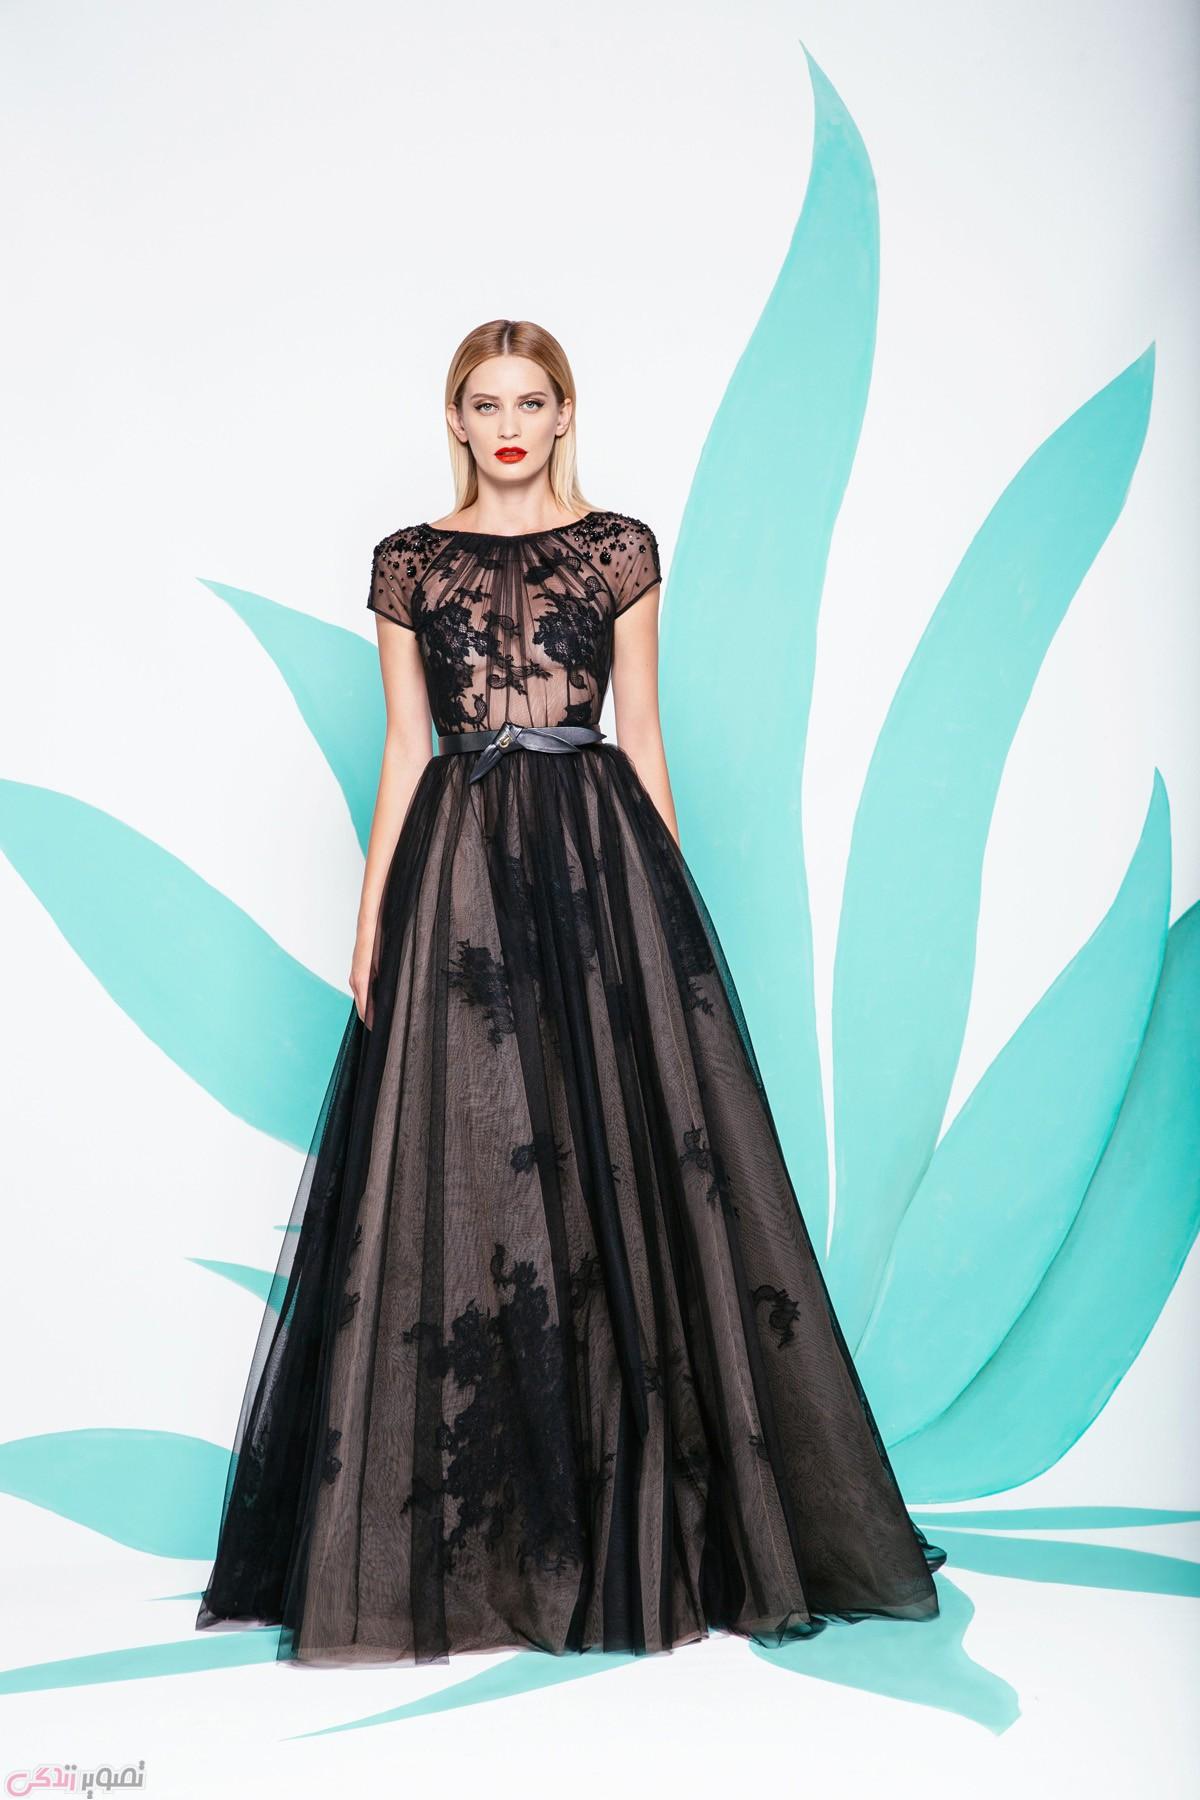 مدل لباس شب مخمل 2017 عکس مدل لباس مجلسی 2017 برند ralph&russo | مدل لباس شب ...